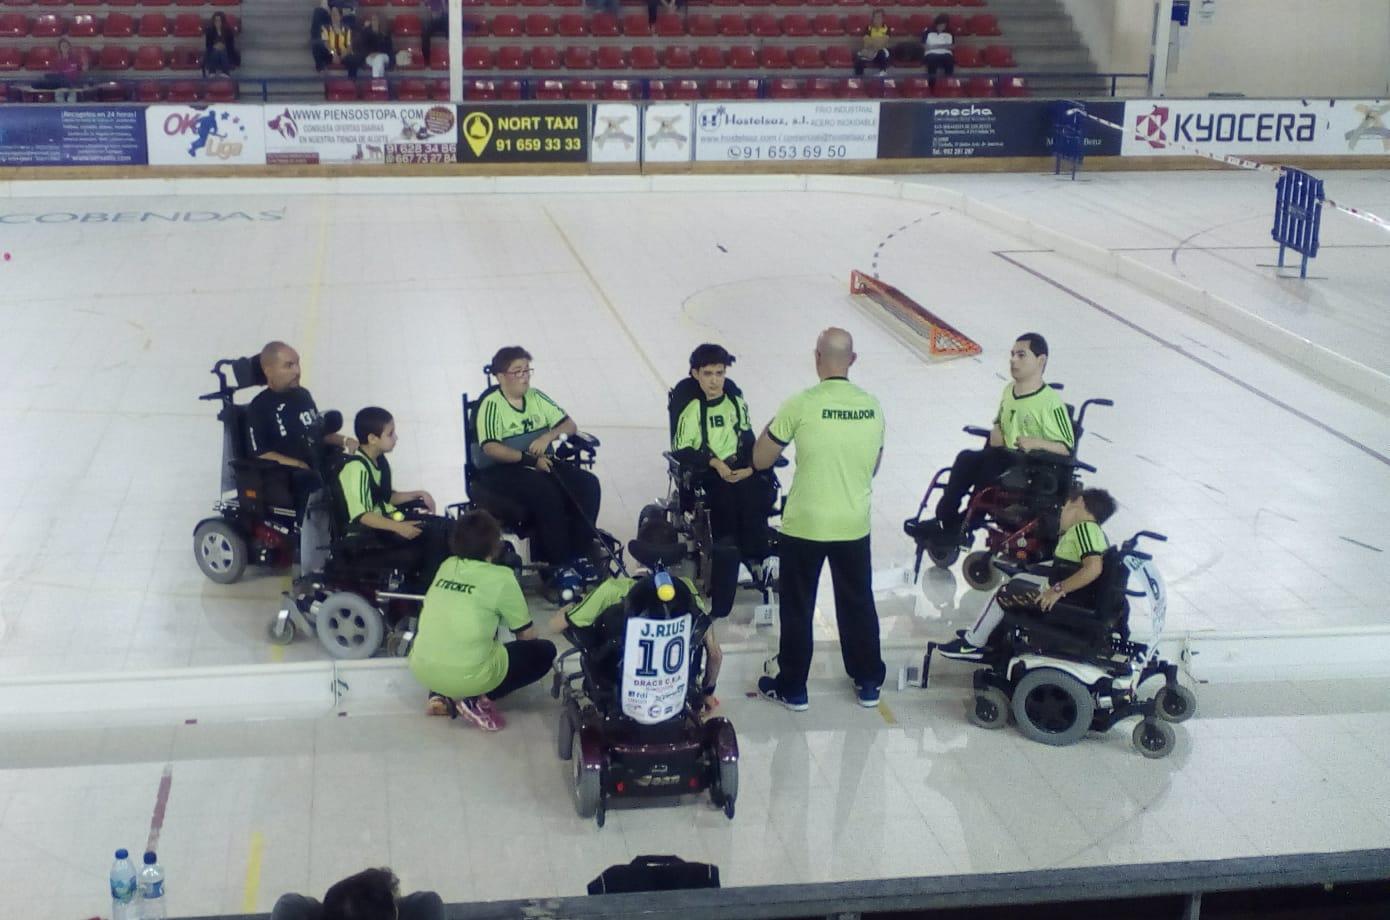 Campionat d'Espanya a Alcobendas